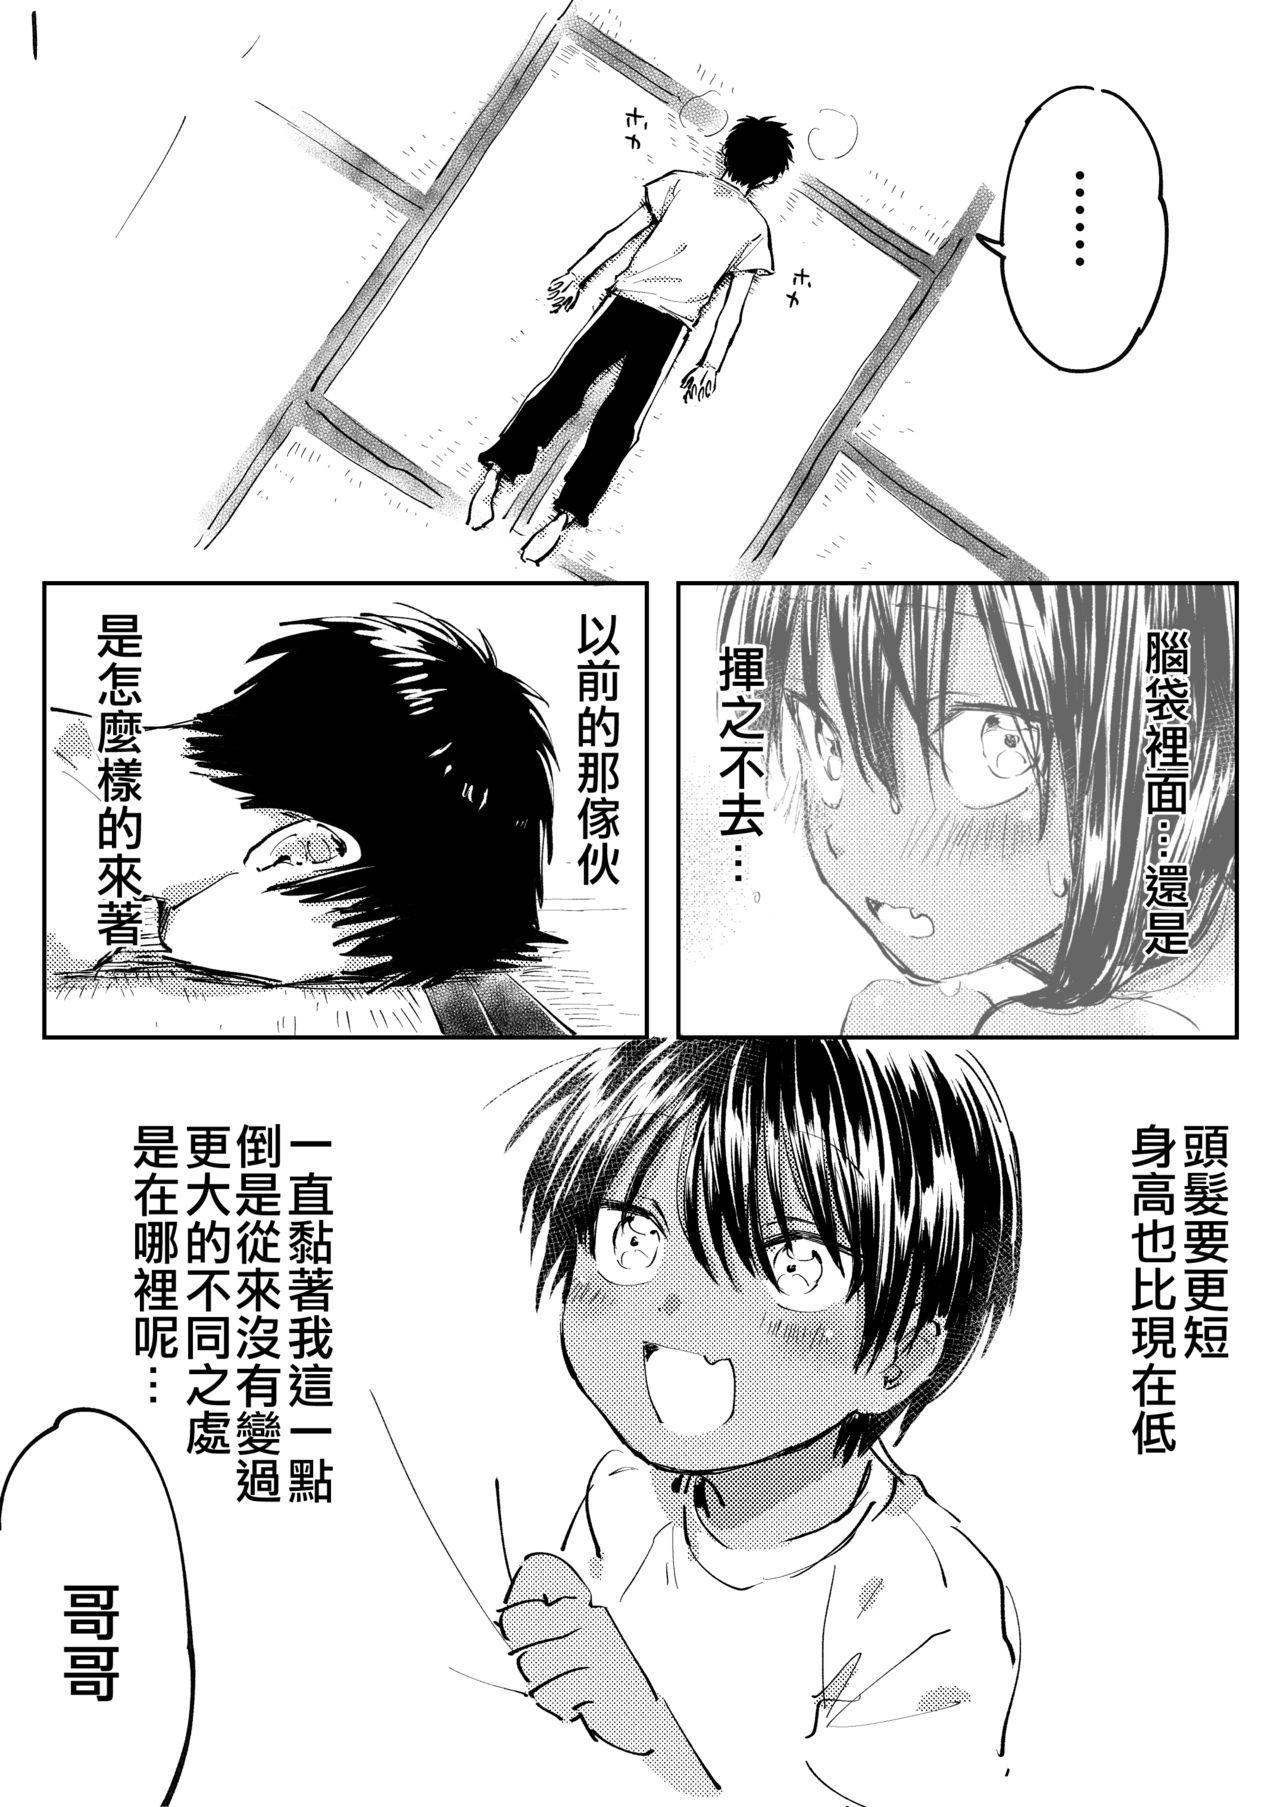 Inaka ni Kaeru to Yakeni Jiben ni Natsuita Kasshoku Ponytail Shota ga Iru 8